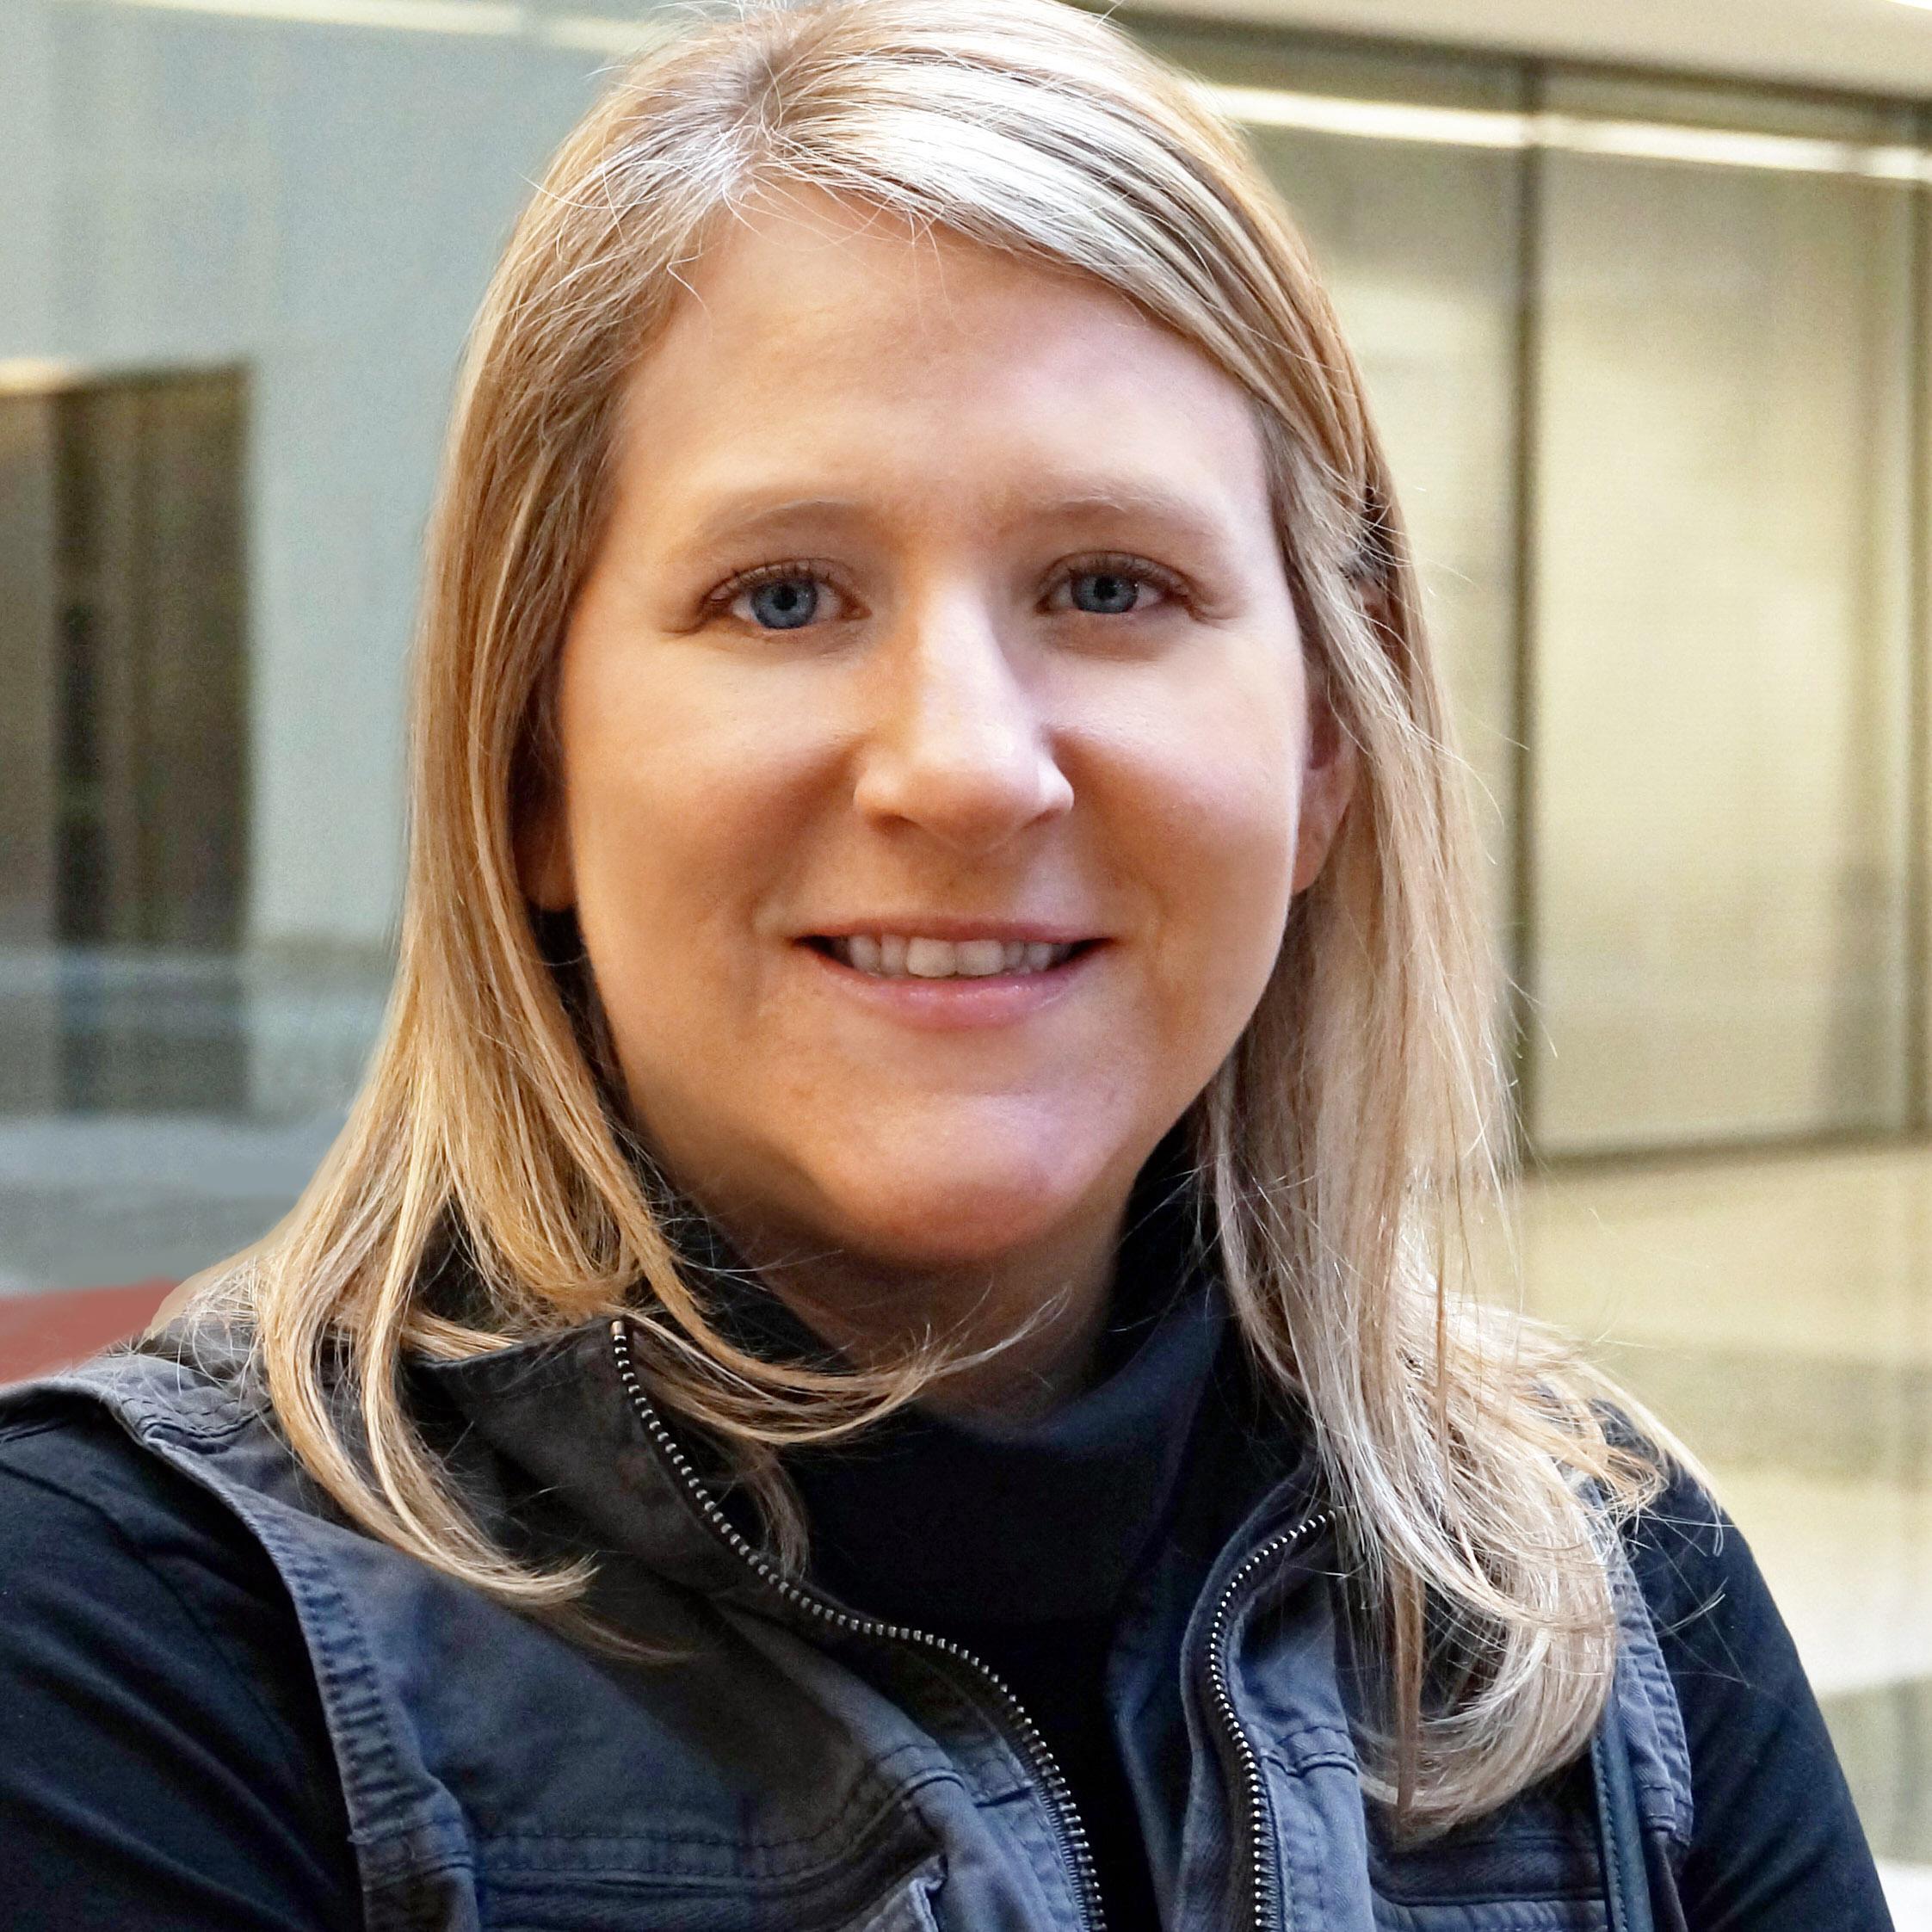 Lisa M. Pleviak Keeper of the Books